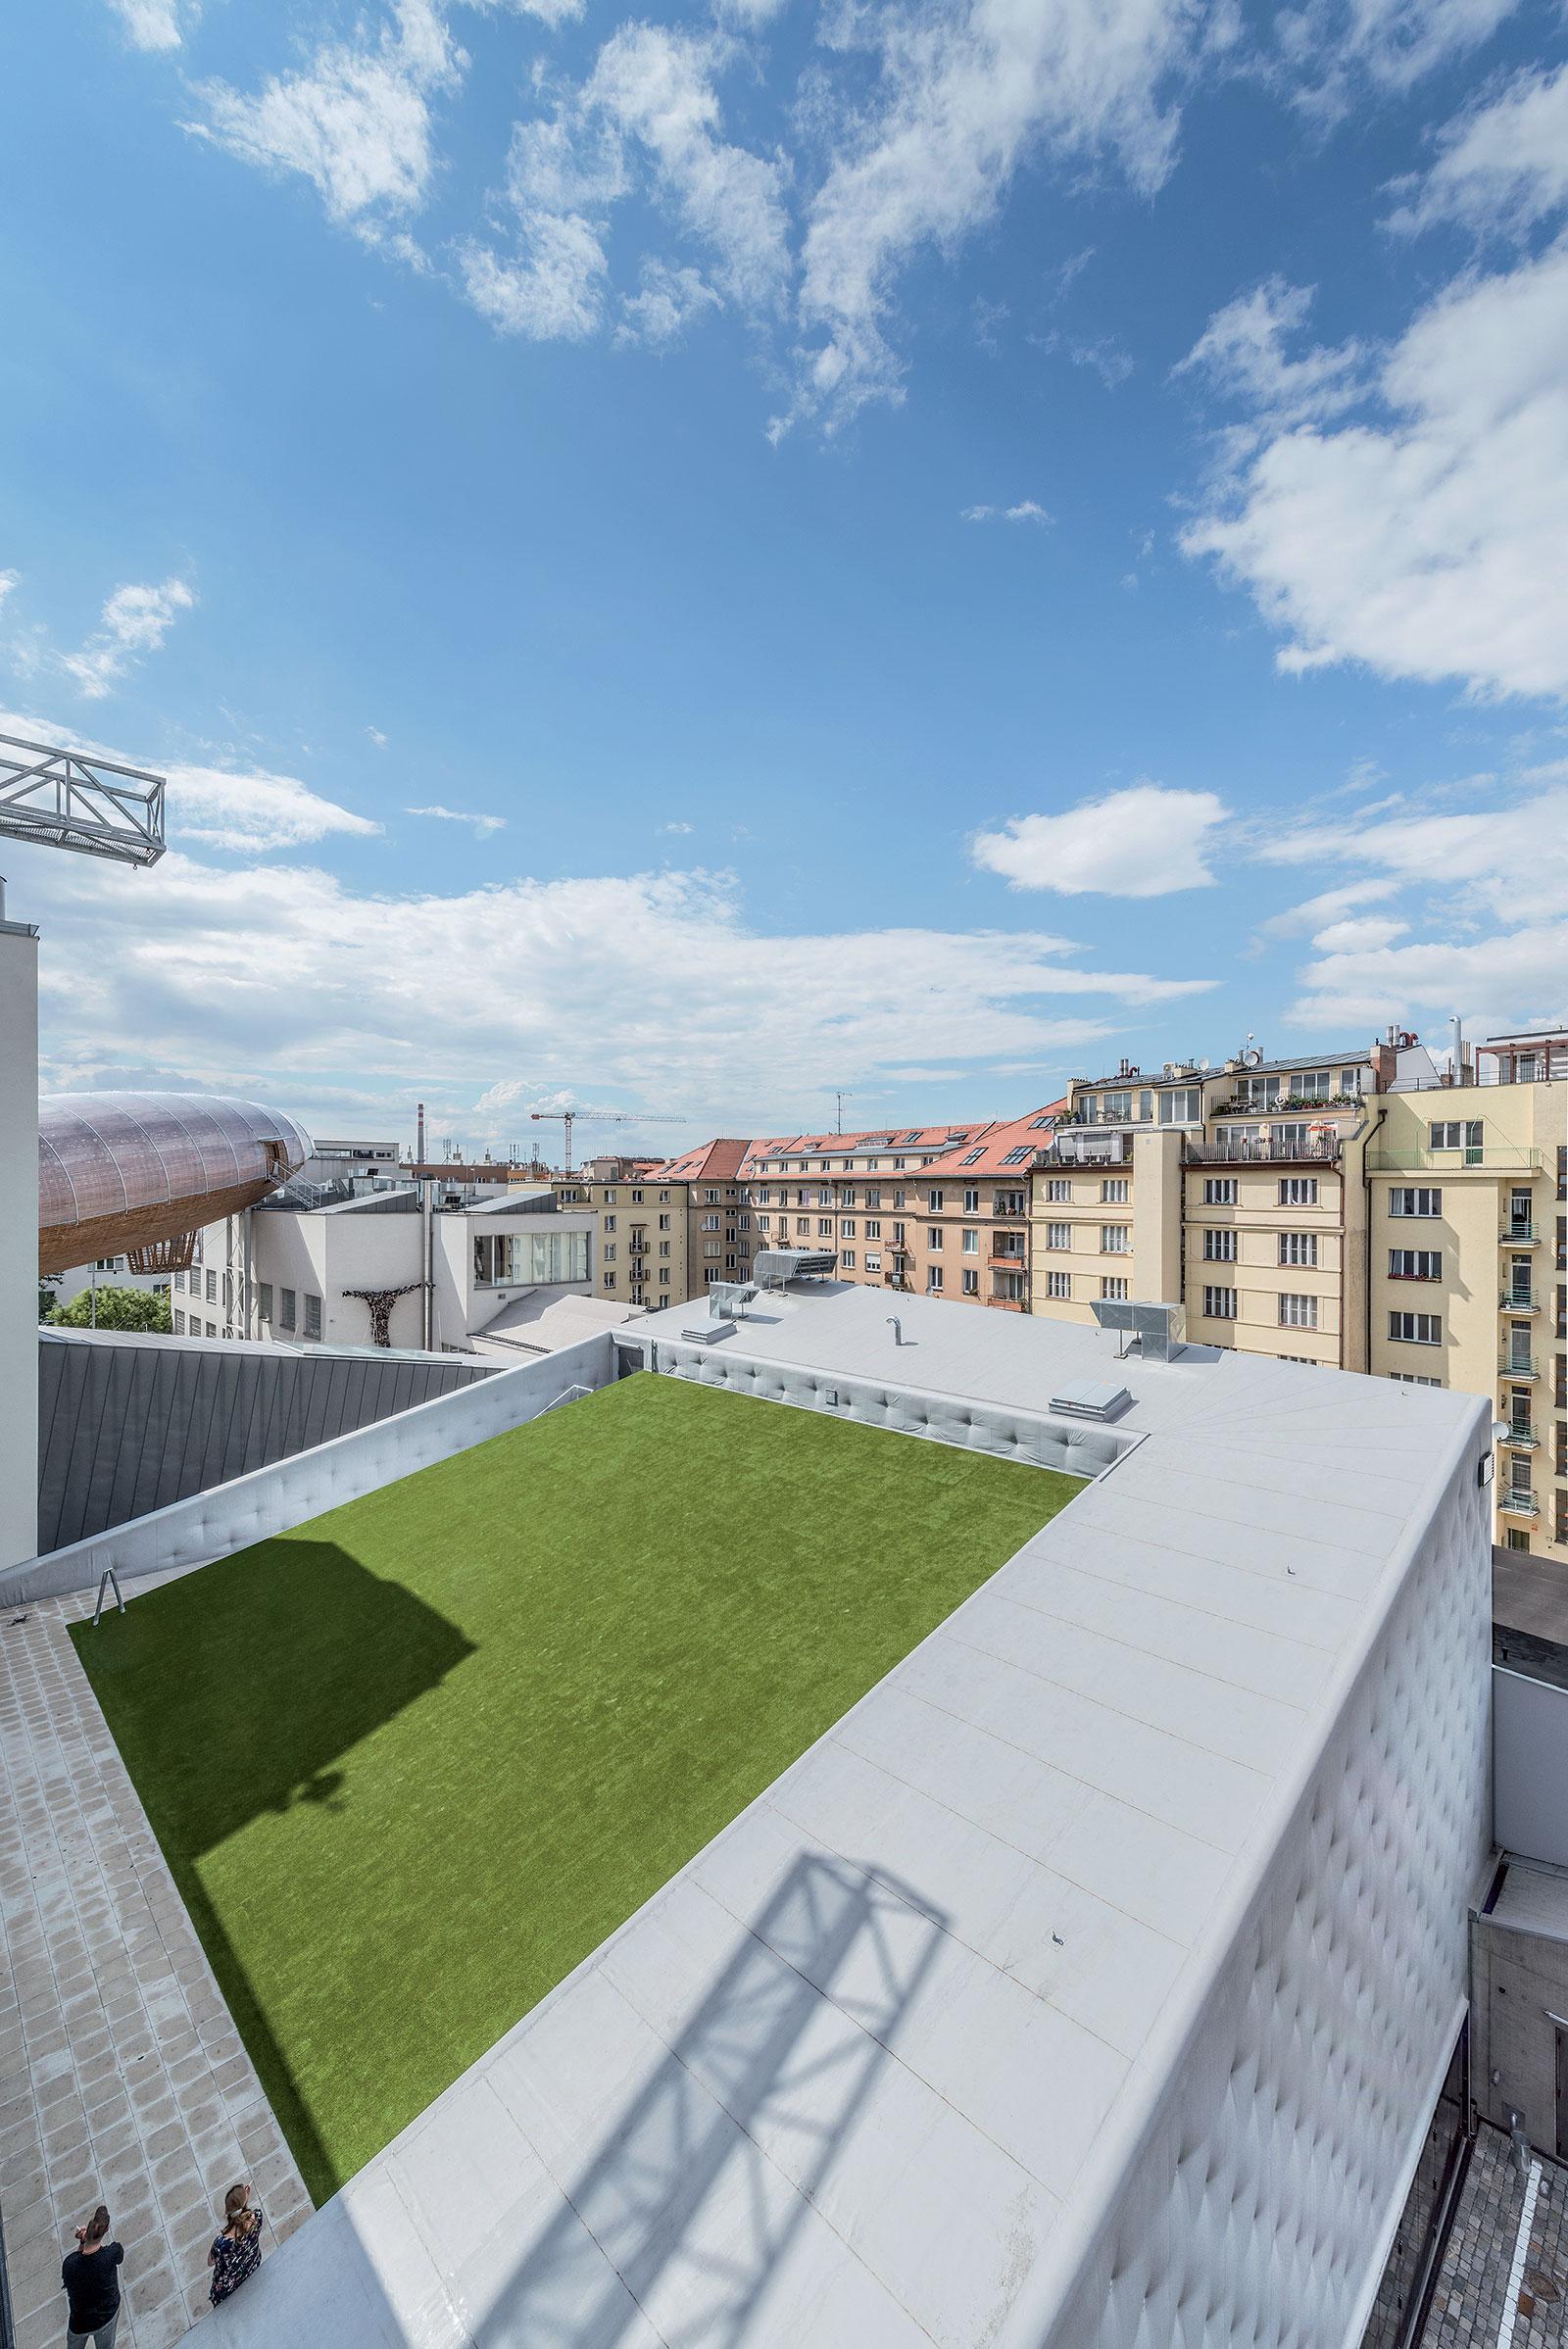 Zatravněná šikmá střecha slouží jako relaxační zóna ze které je možné sledovat akrobatická vystoupení tanečníků zavěšených na lanech